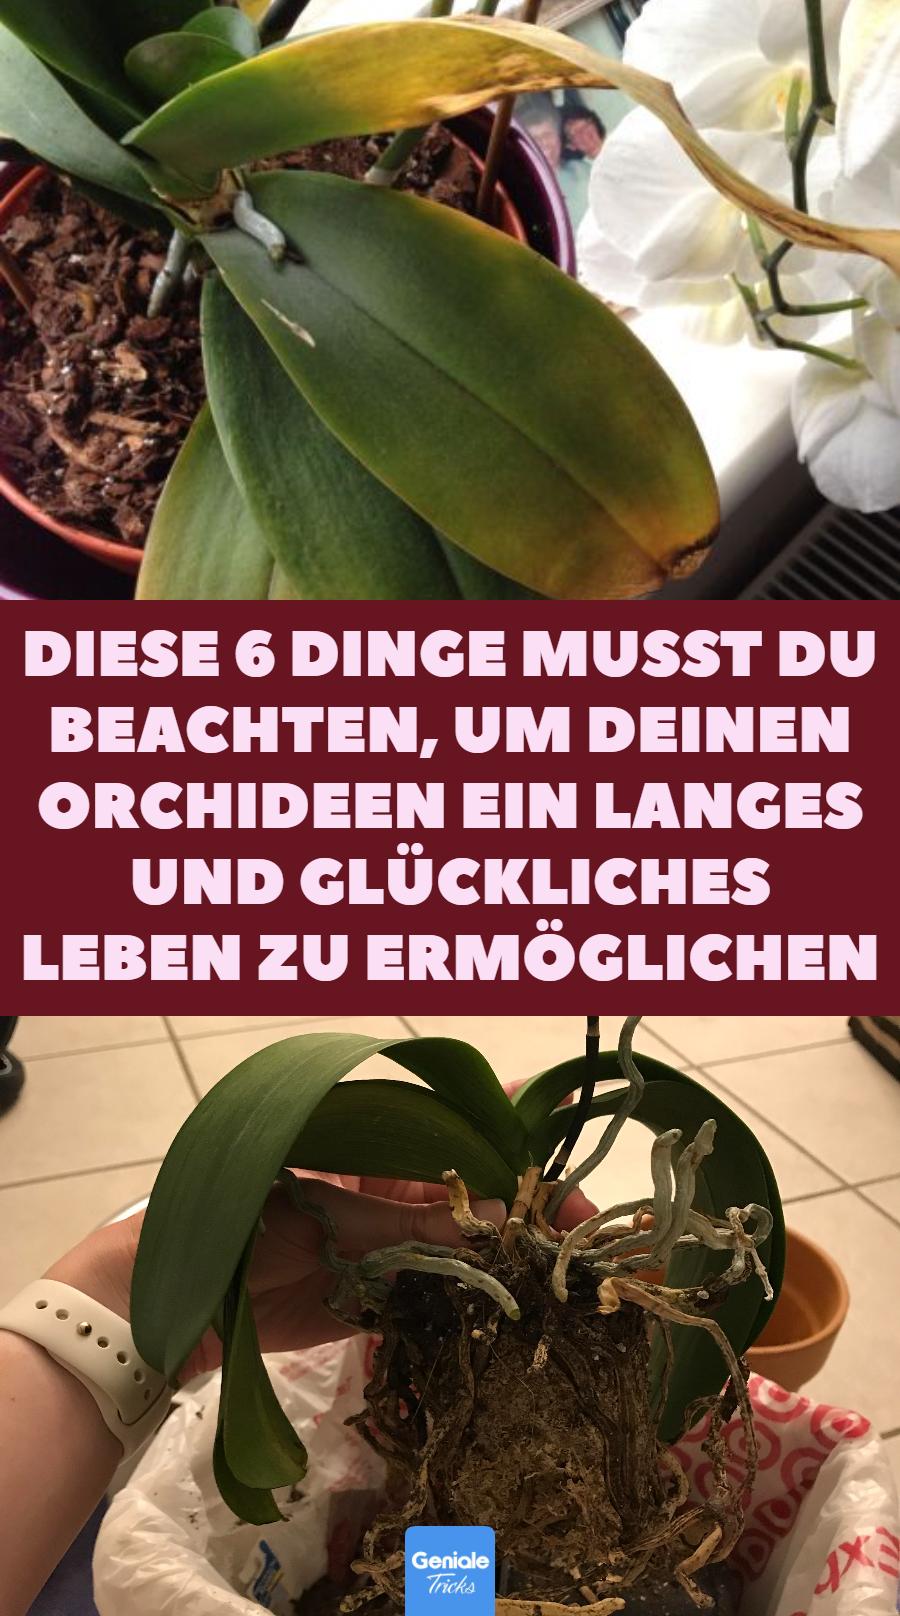 6 Dinge, die man bei der Orchideen-Pflege beachten muss